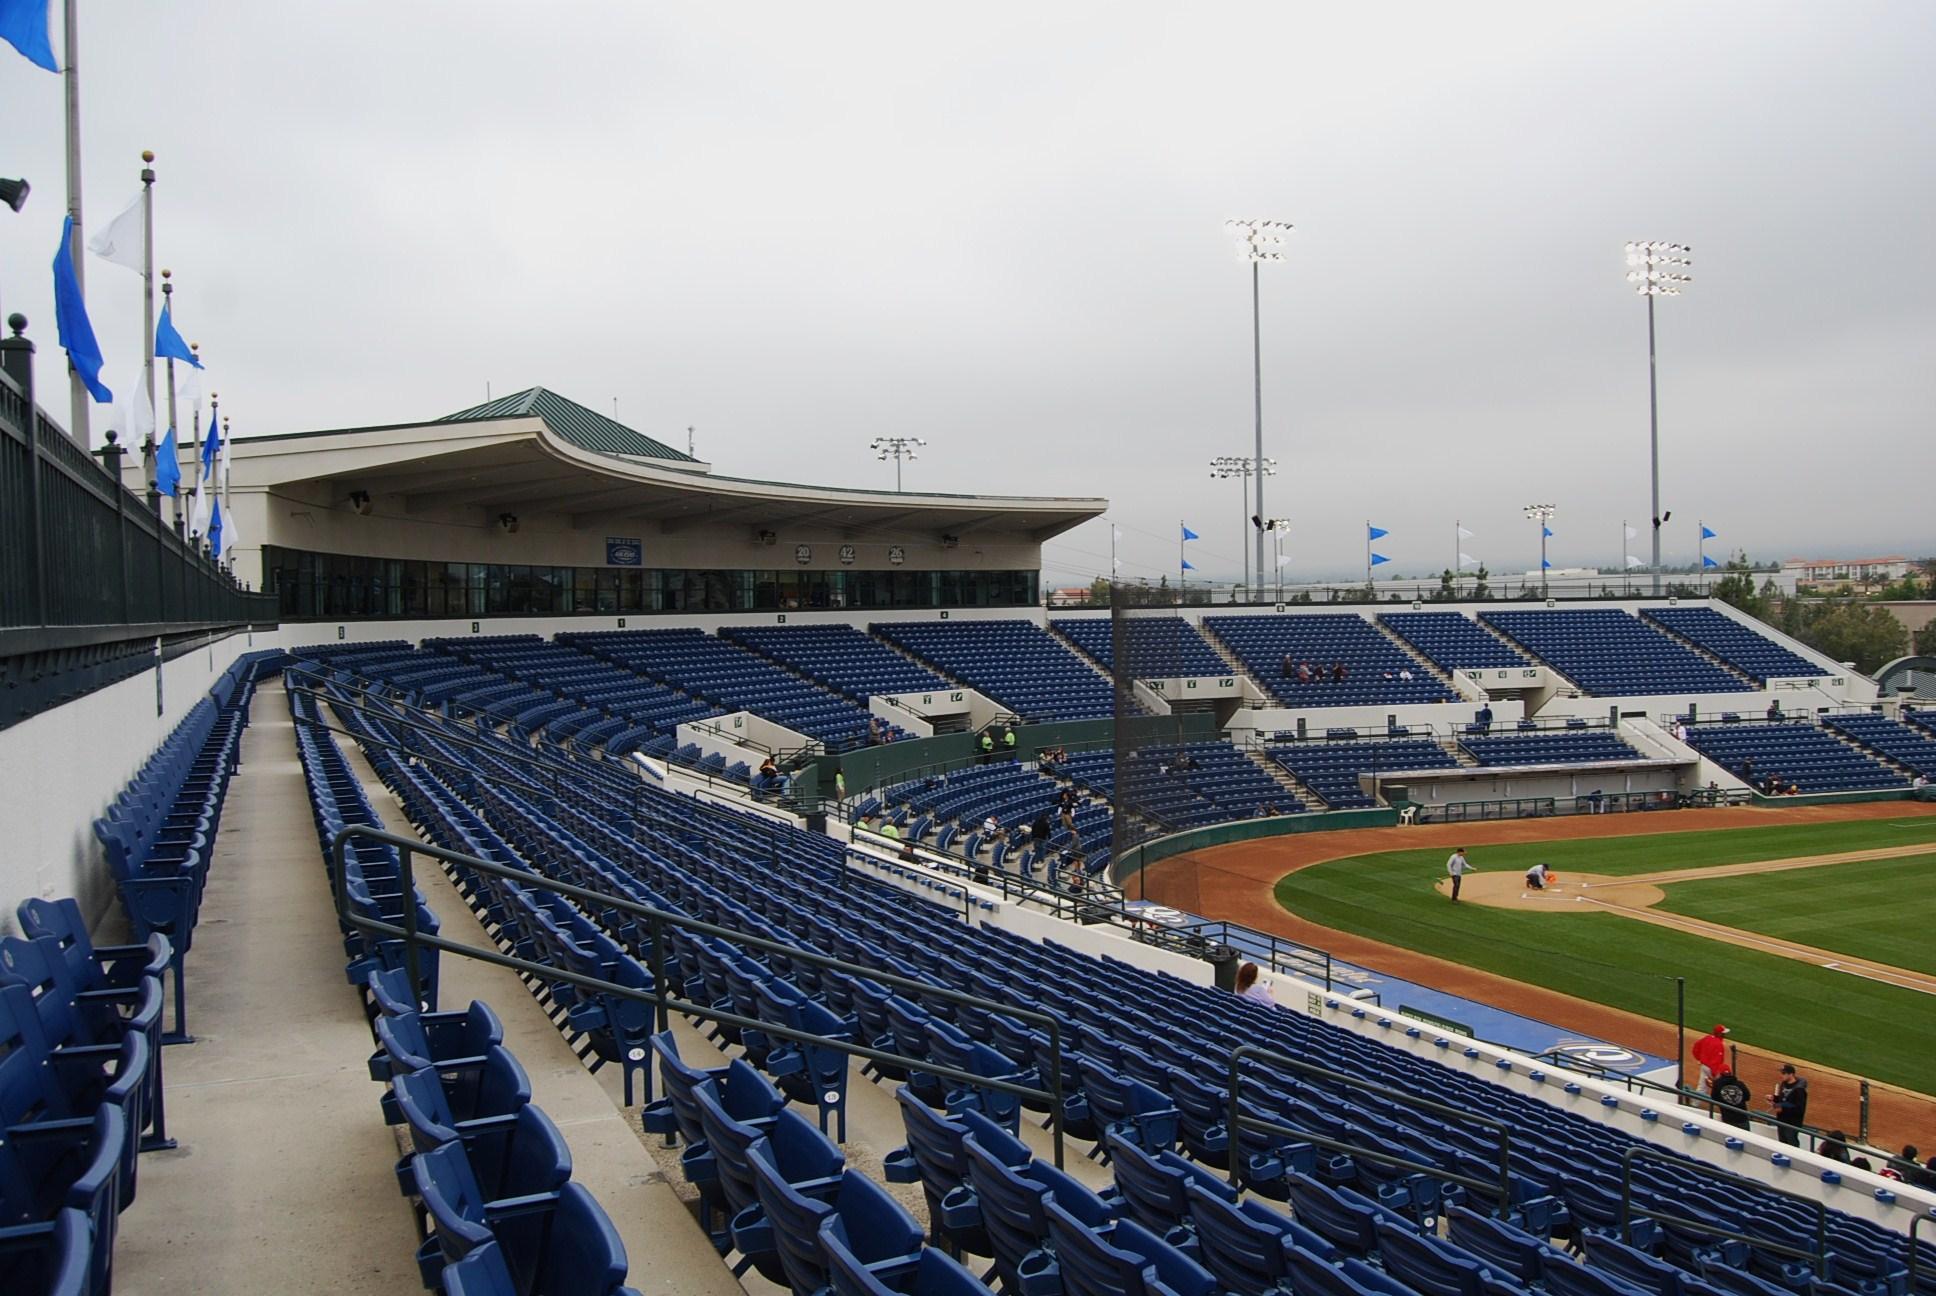 Loanmart Field Wikipedia